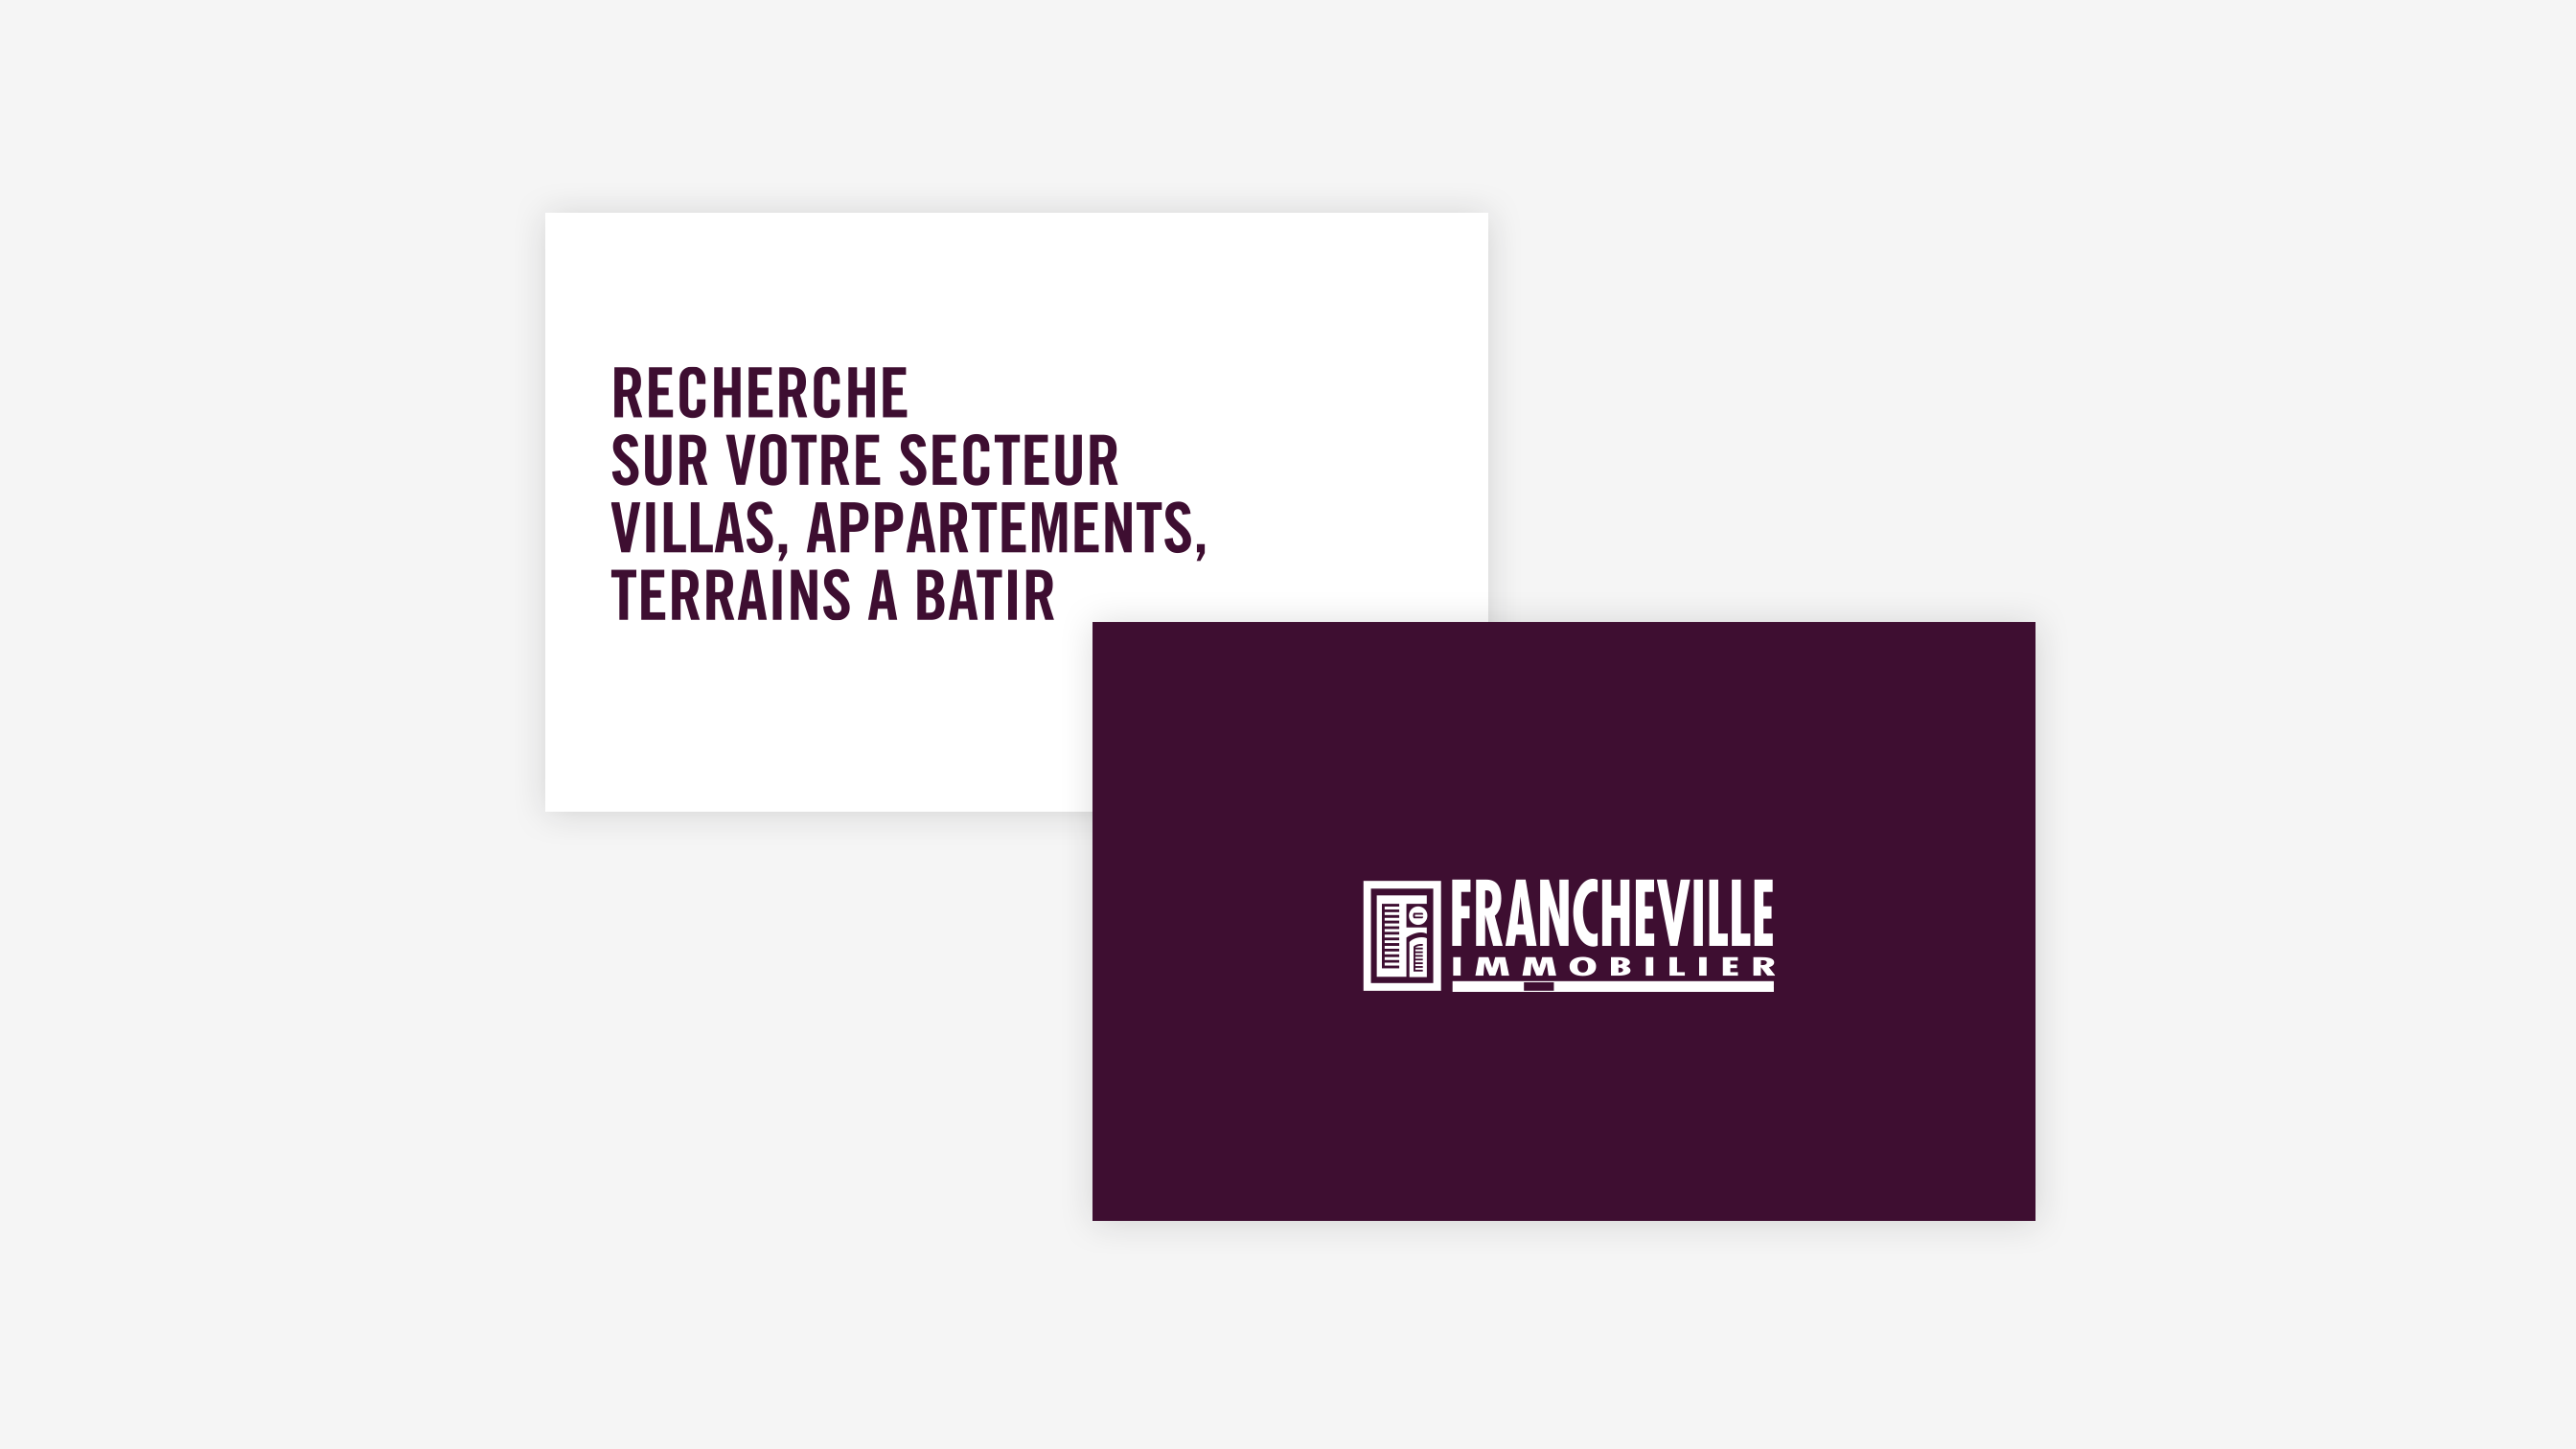 franchevilleimmobilier-identite